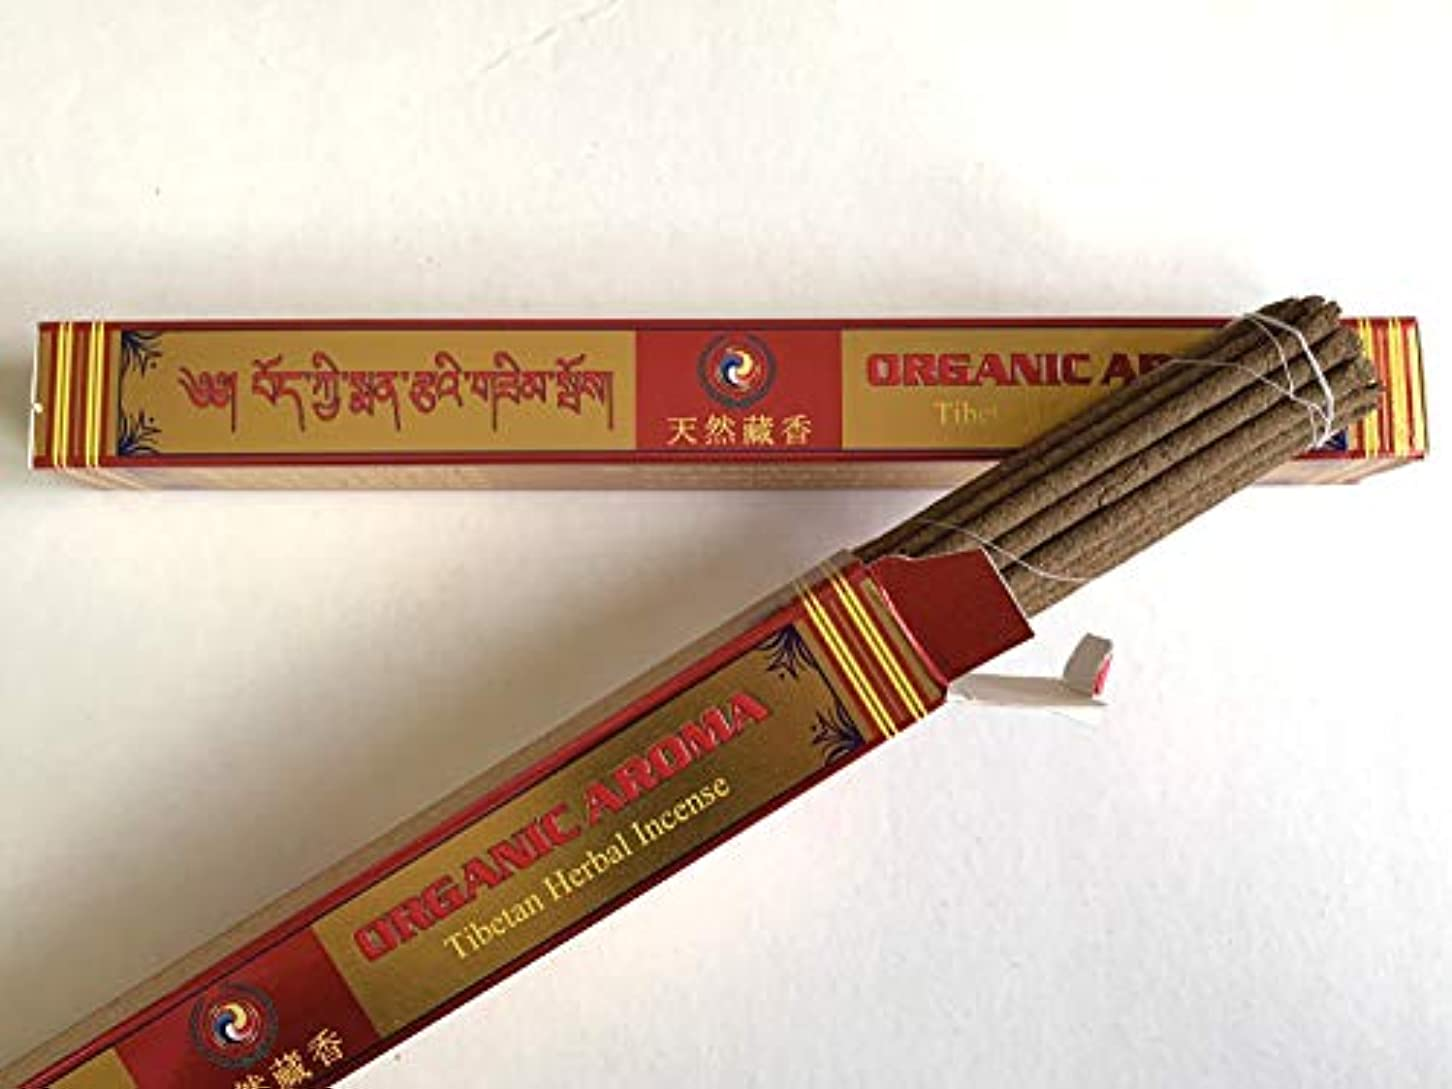 クアッガ不格好に関してBonpo Tsang Agarbathi Factory/オーガニックアロマ(天然藏香) ORGANIC AROMA 約25本入り